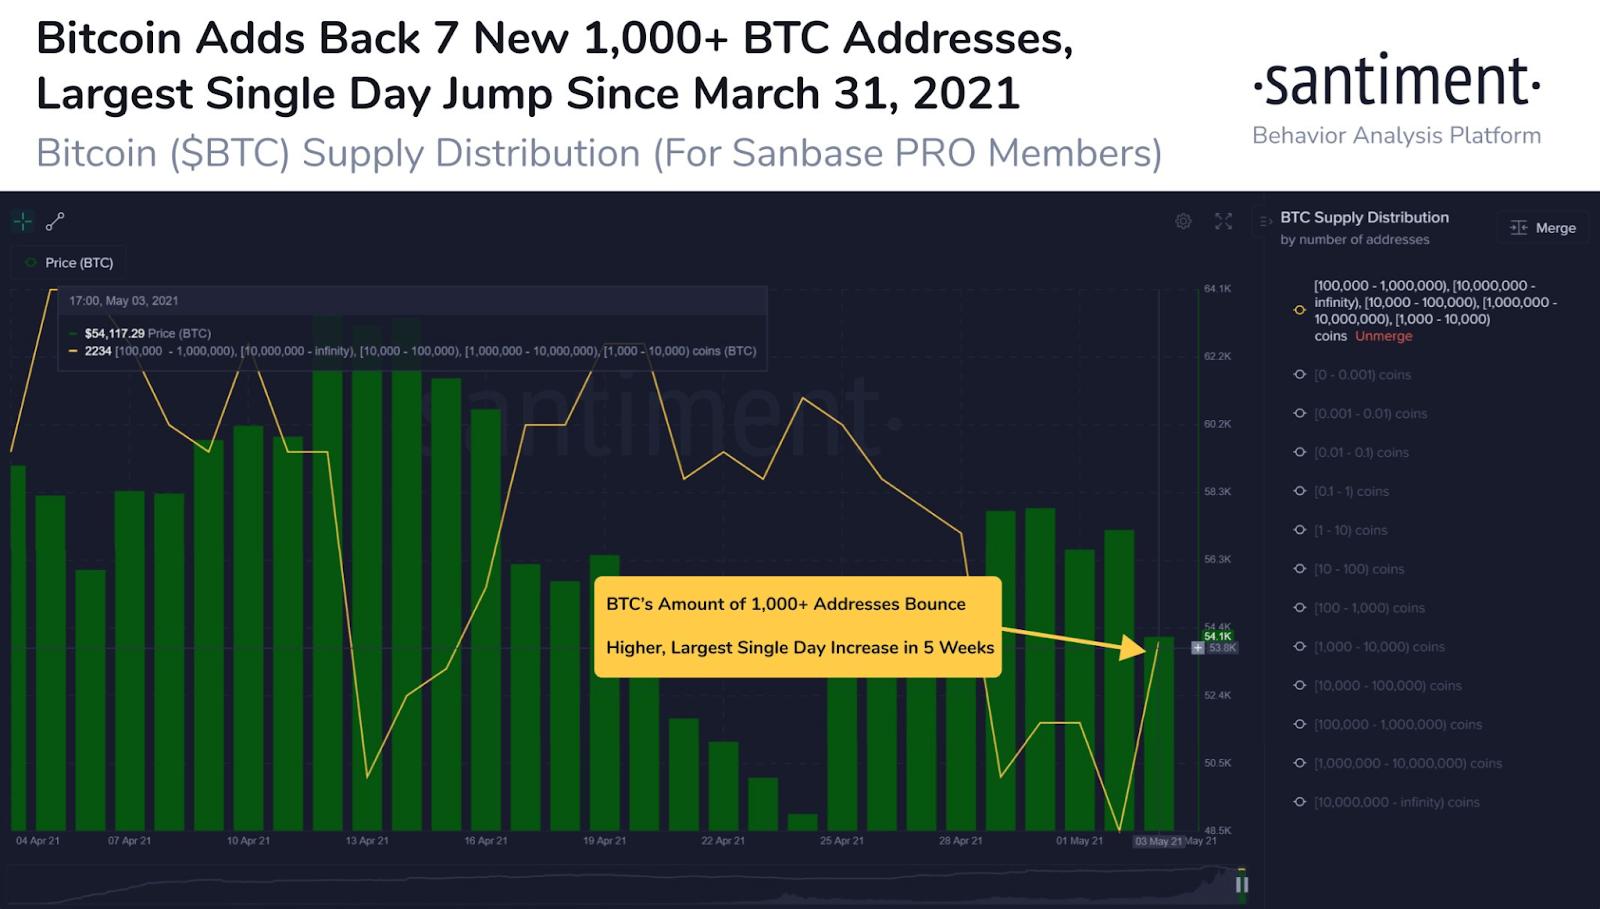 BTC Santiment Chart